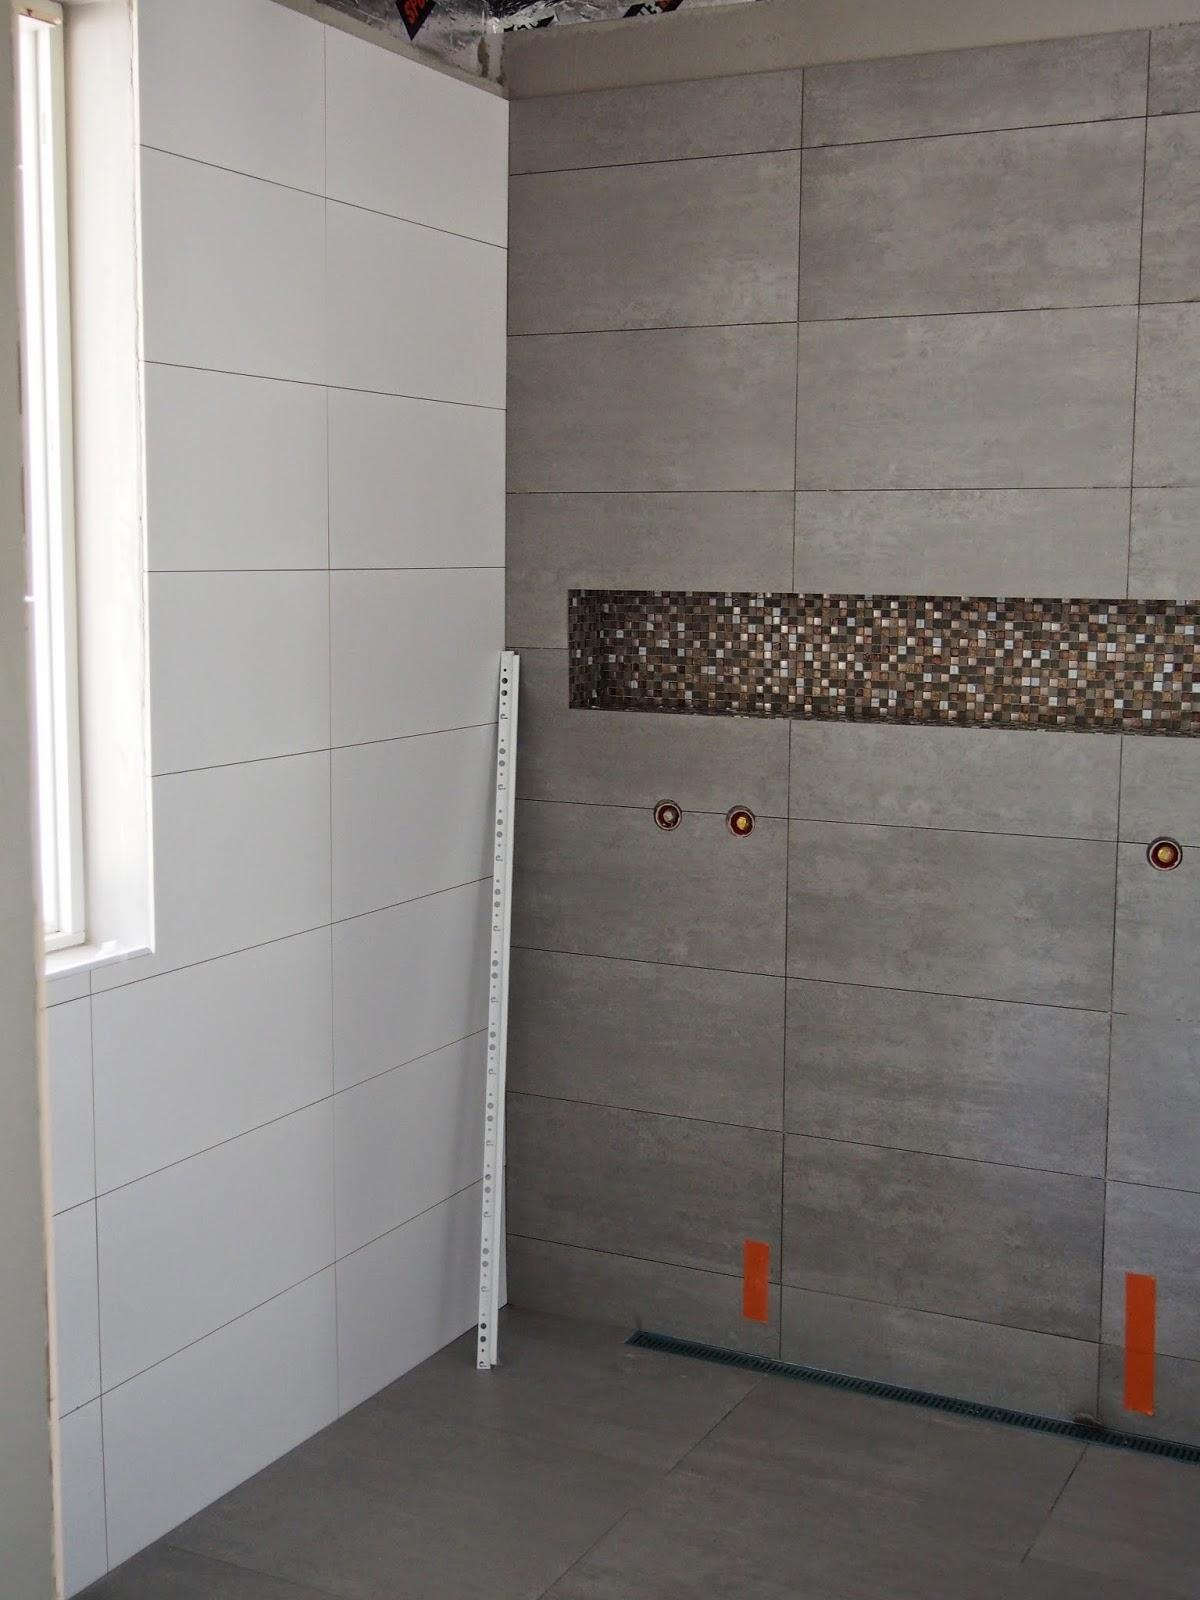 Kylpyhuone Ilman Laattoja